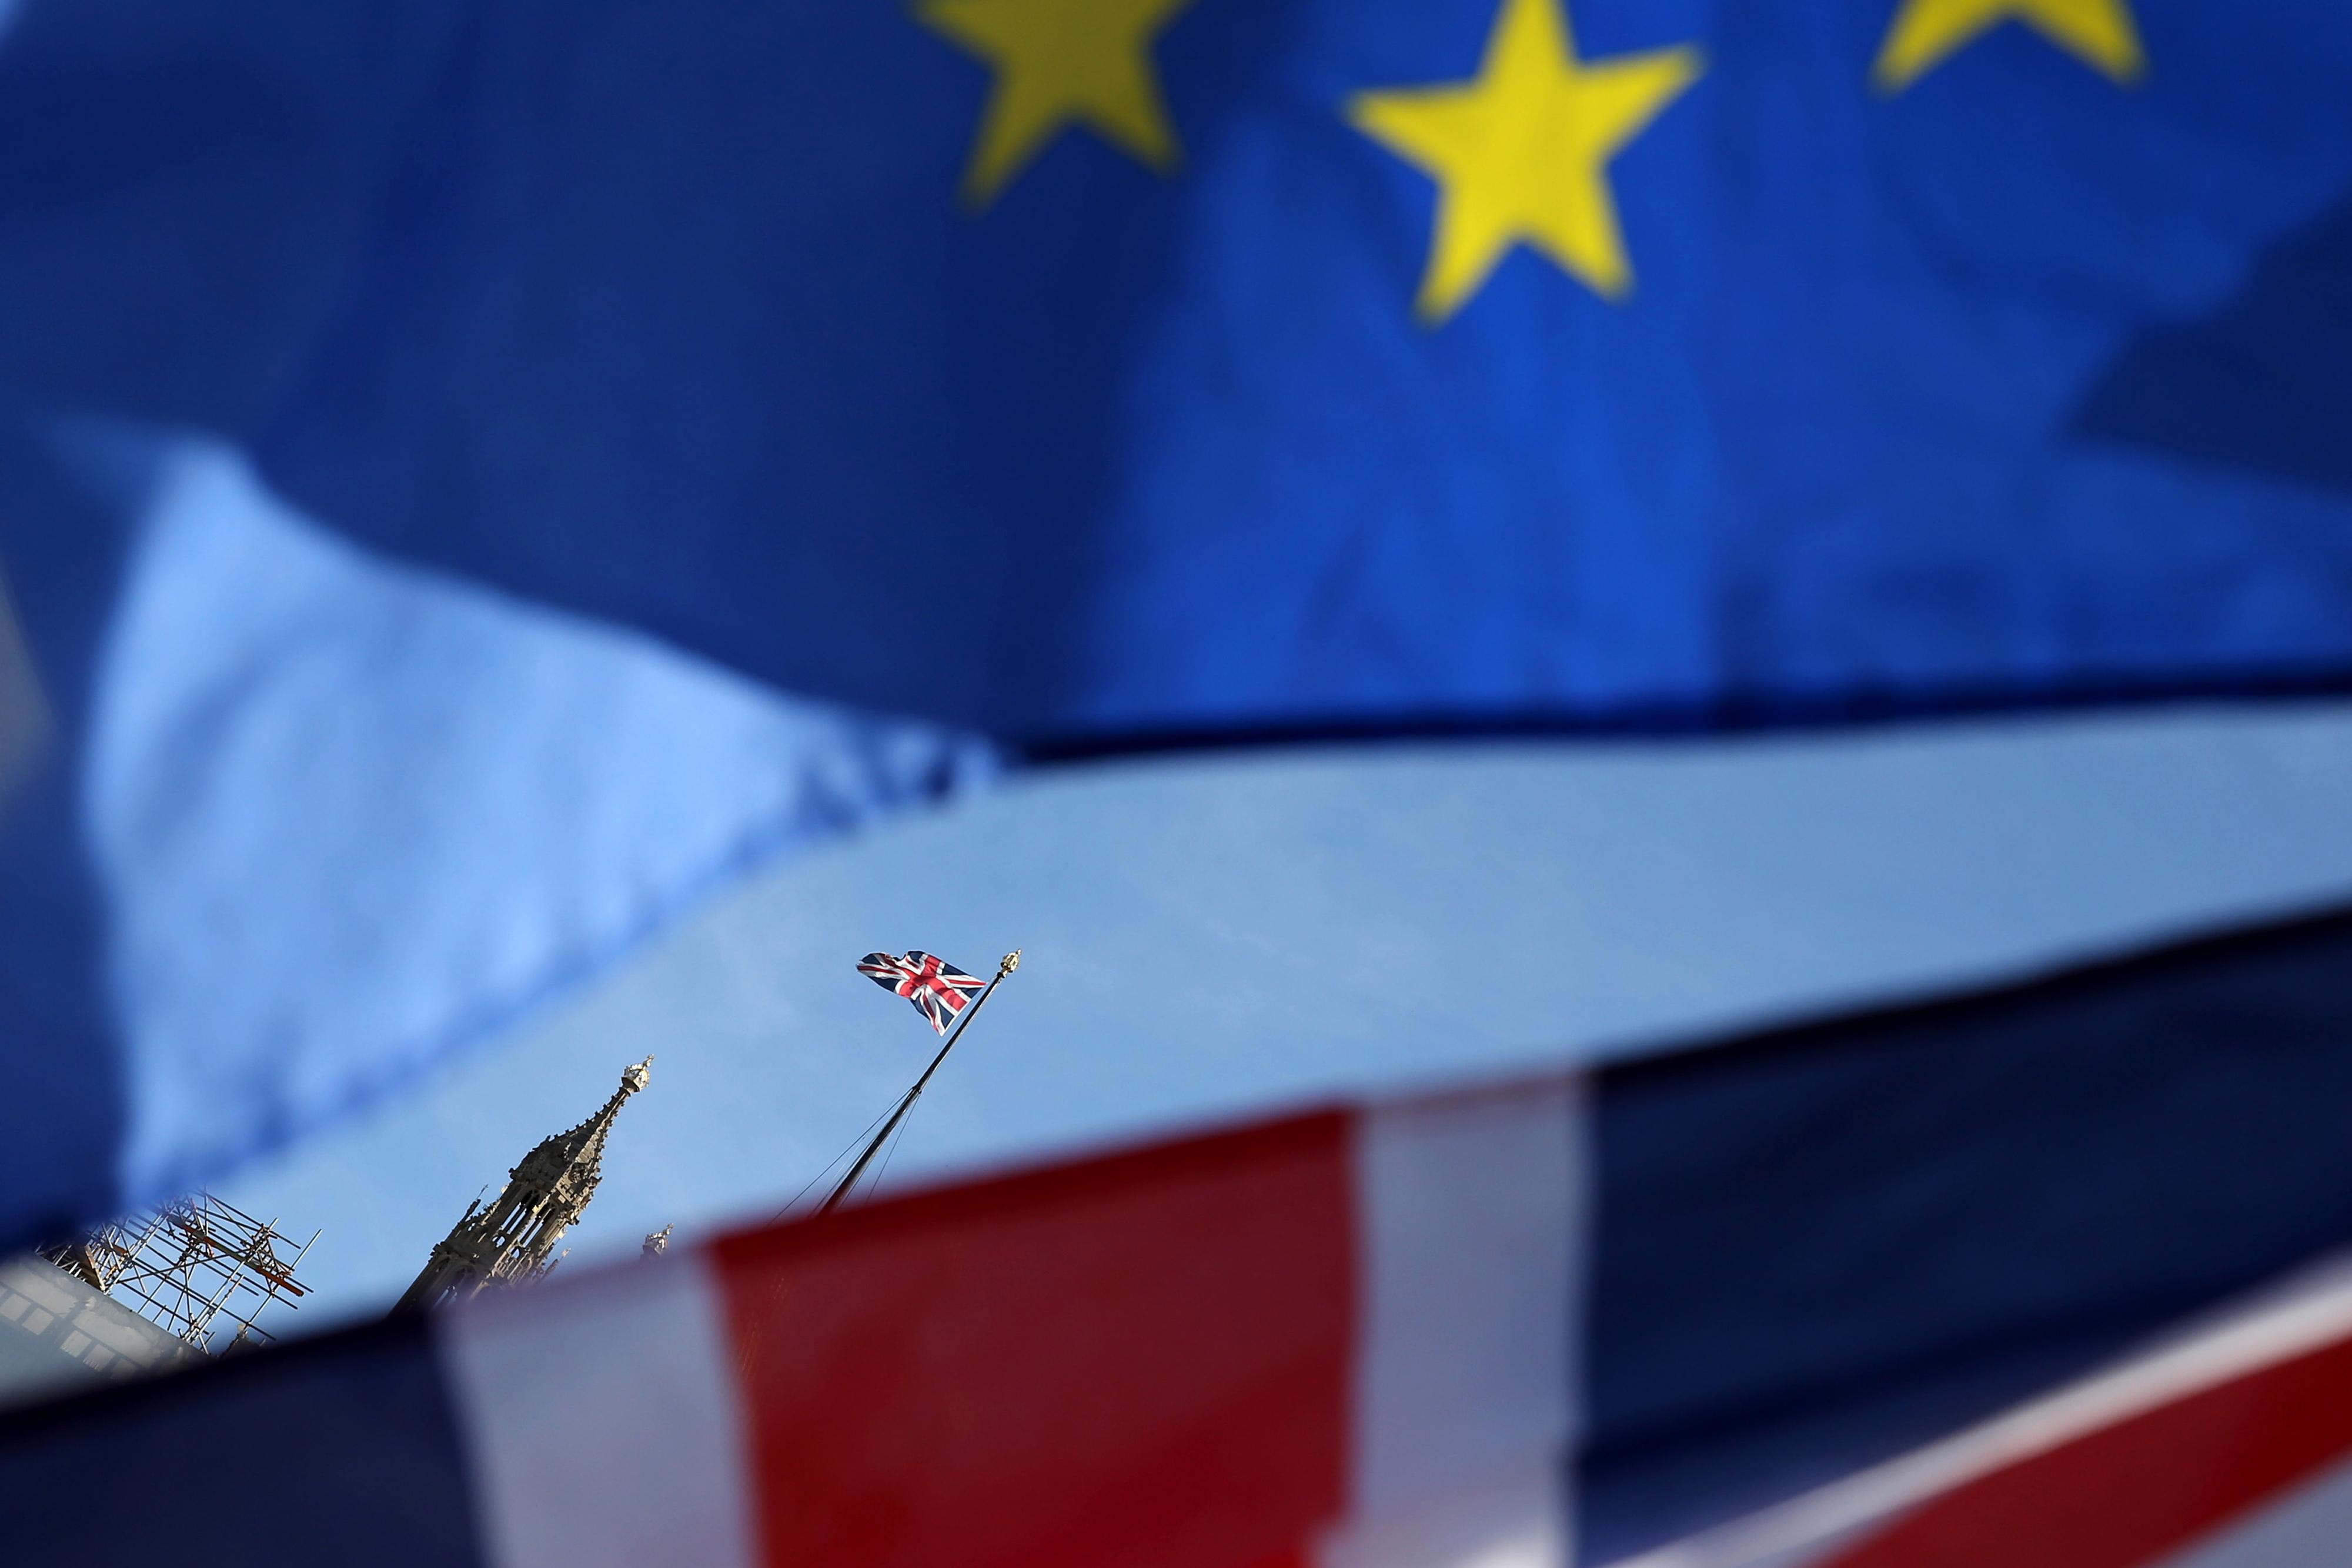 Imigração europeia para o Reino Unido no nível mais baixo desde 2013